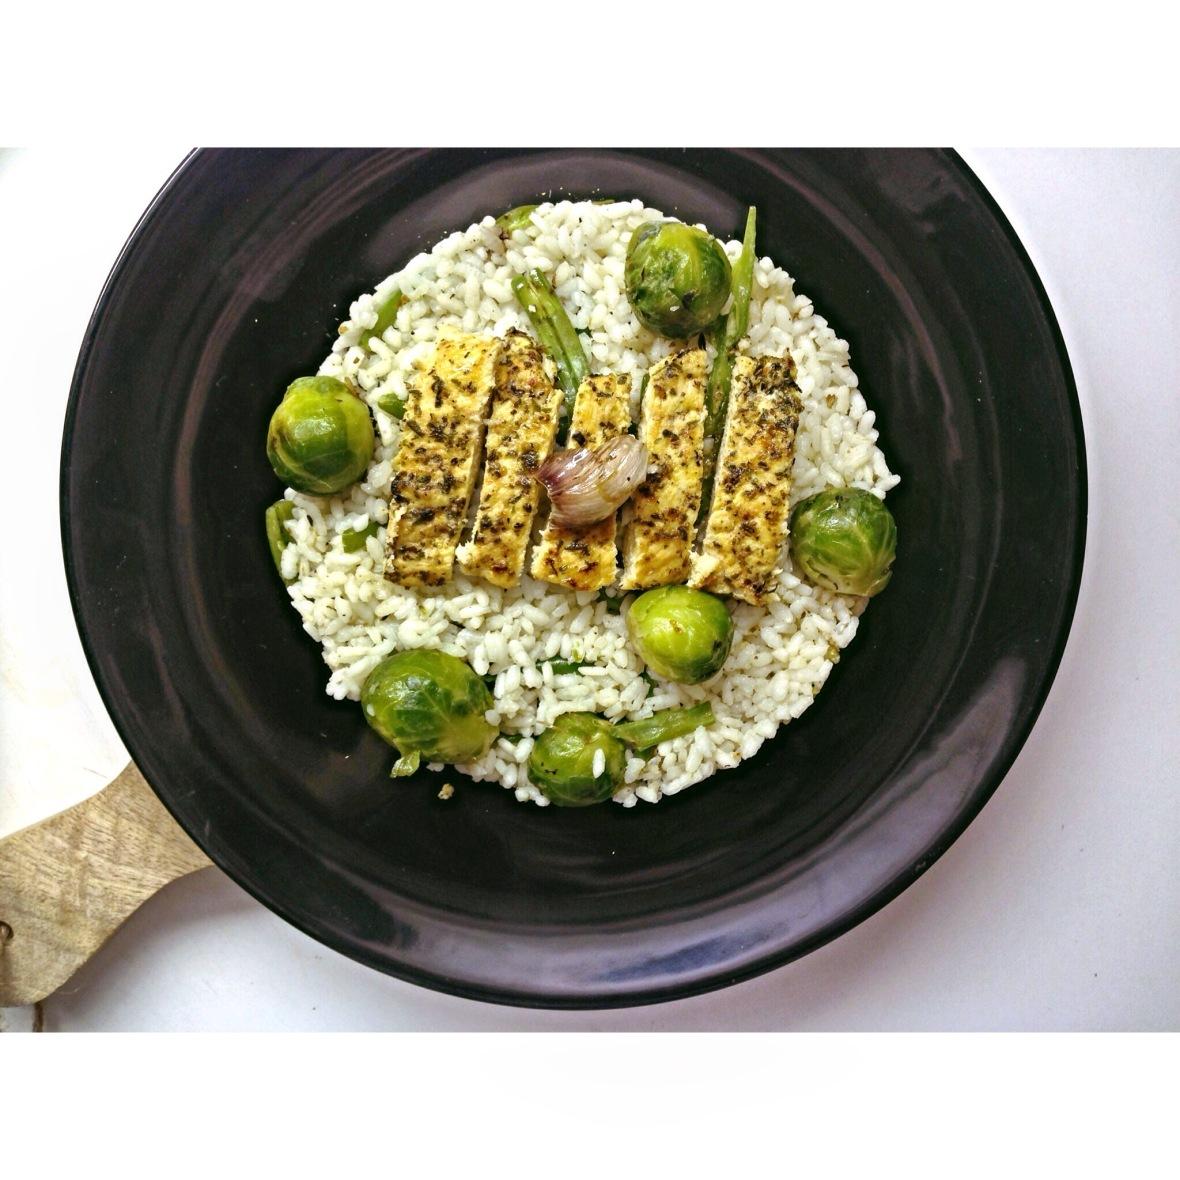 8-arroz-salteado-con-coles-y-pollo